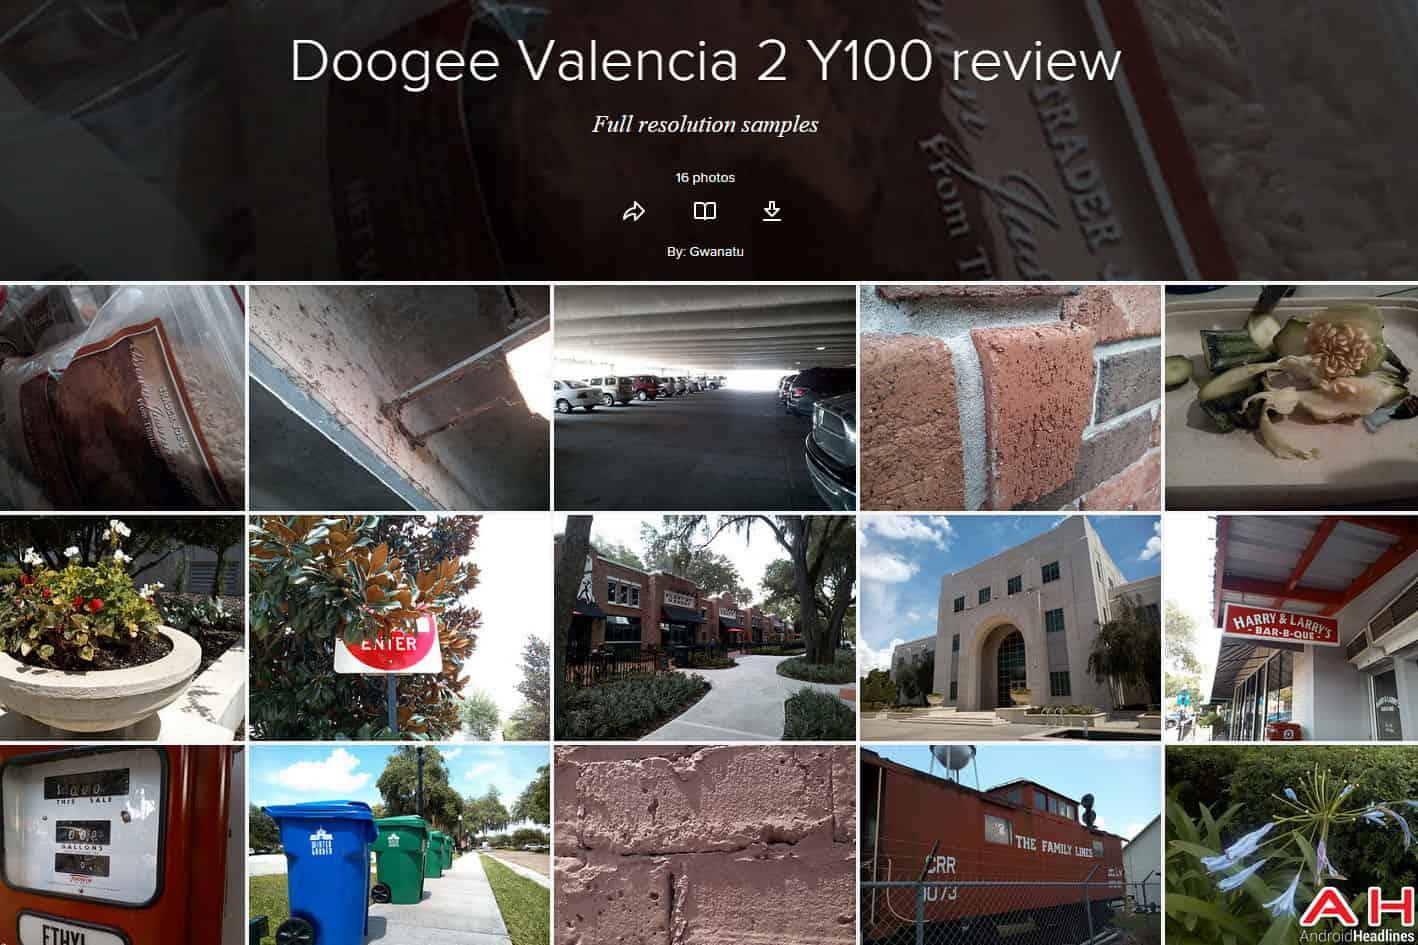 Doogee-Valencia-2-Y100-Review-AH-Flickr